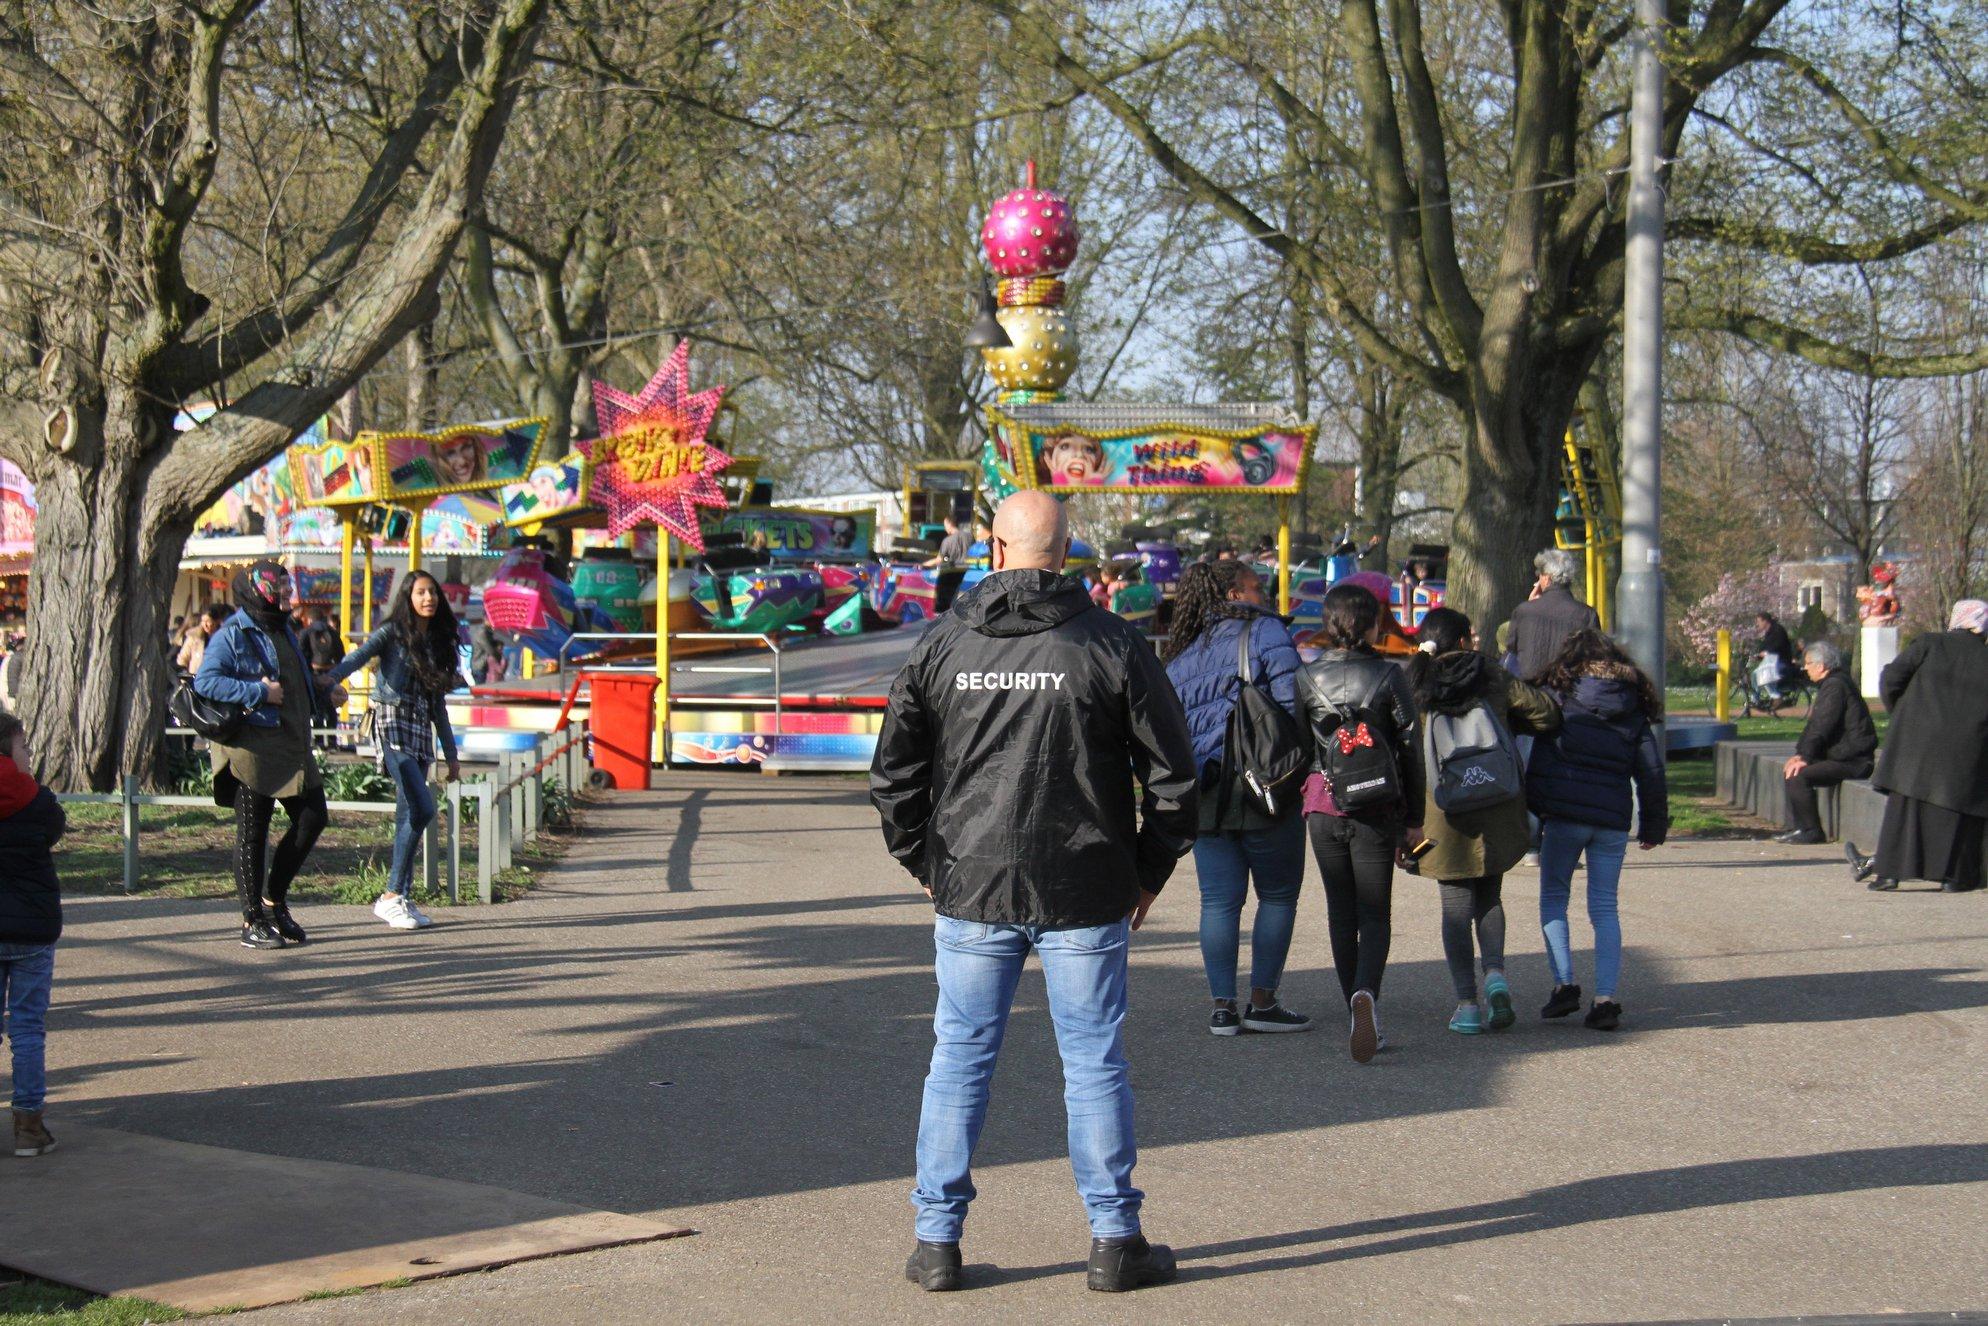 Voorjaarskermis Amsterdam Osdorp